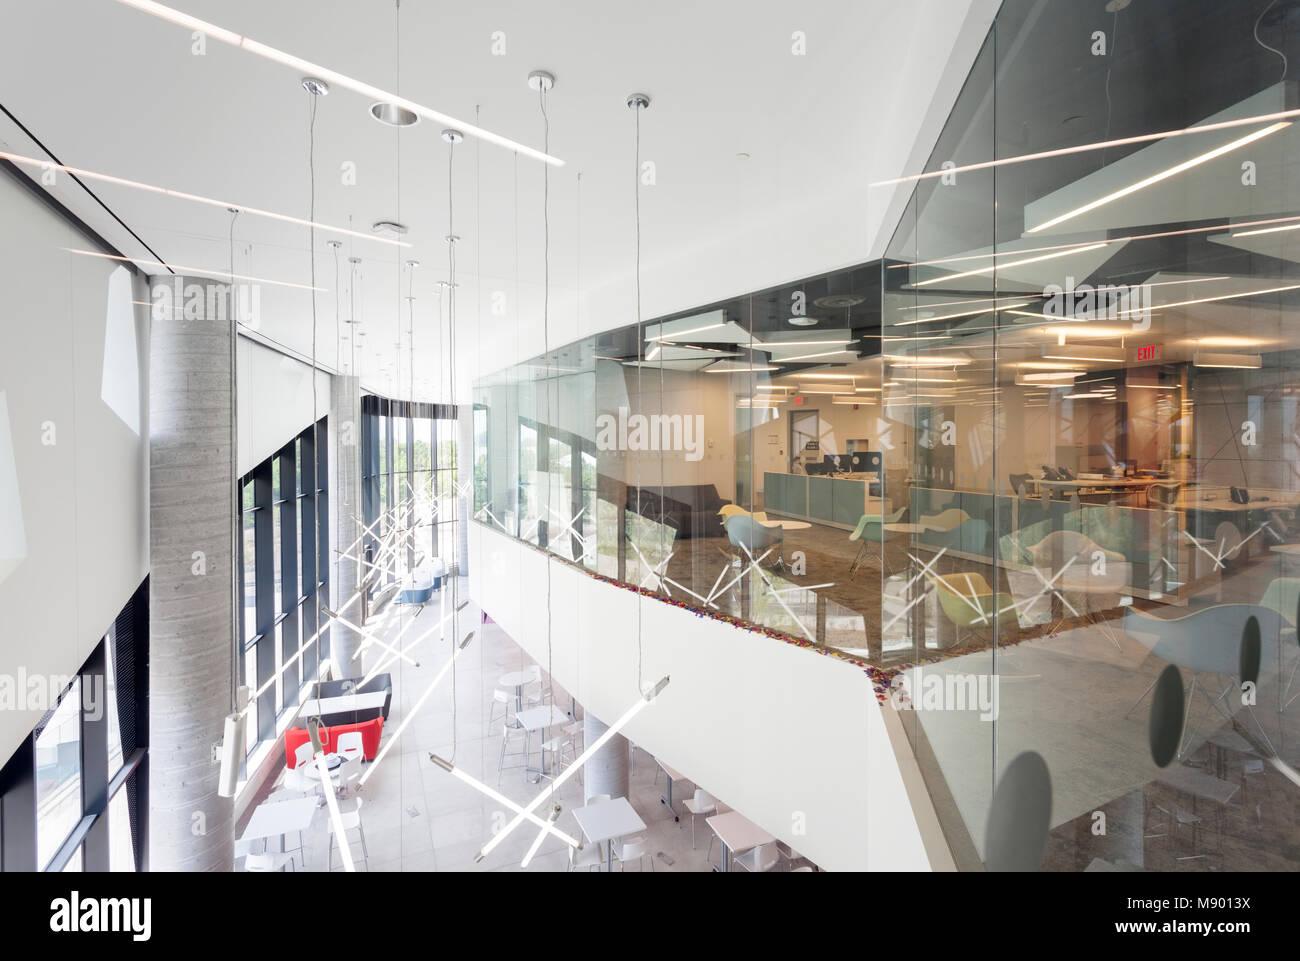 Una vista di una camera di classe e un'area comune all'interno dell'Bergeron centro per eccellenza di Immagini Stock